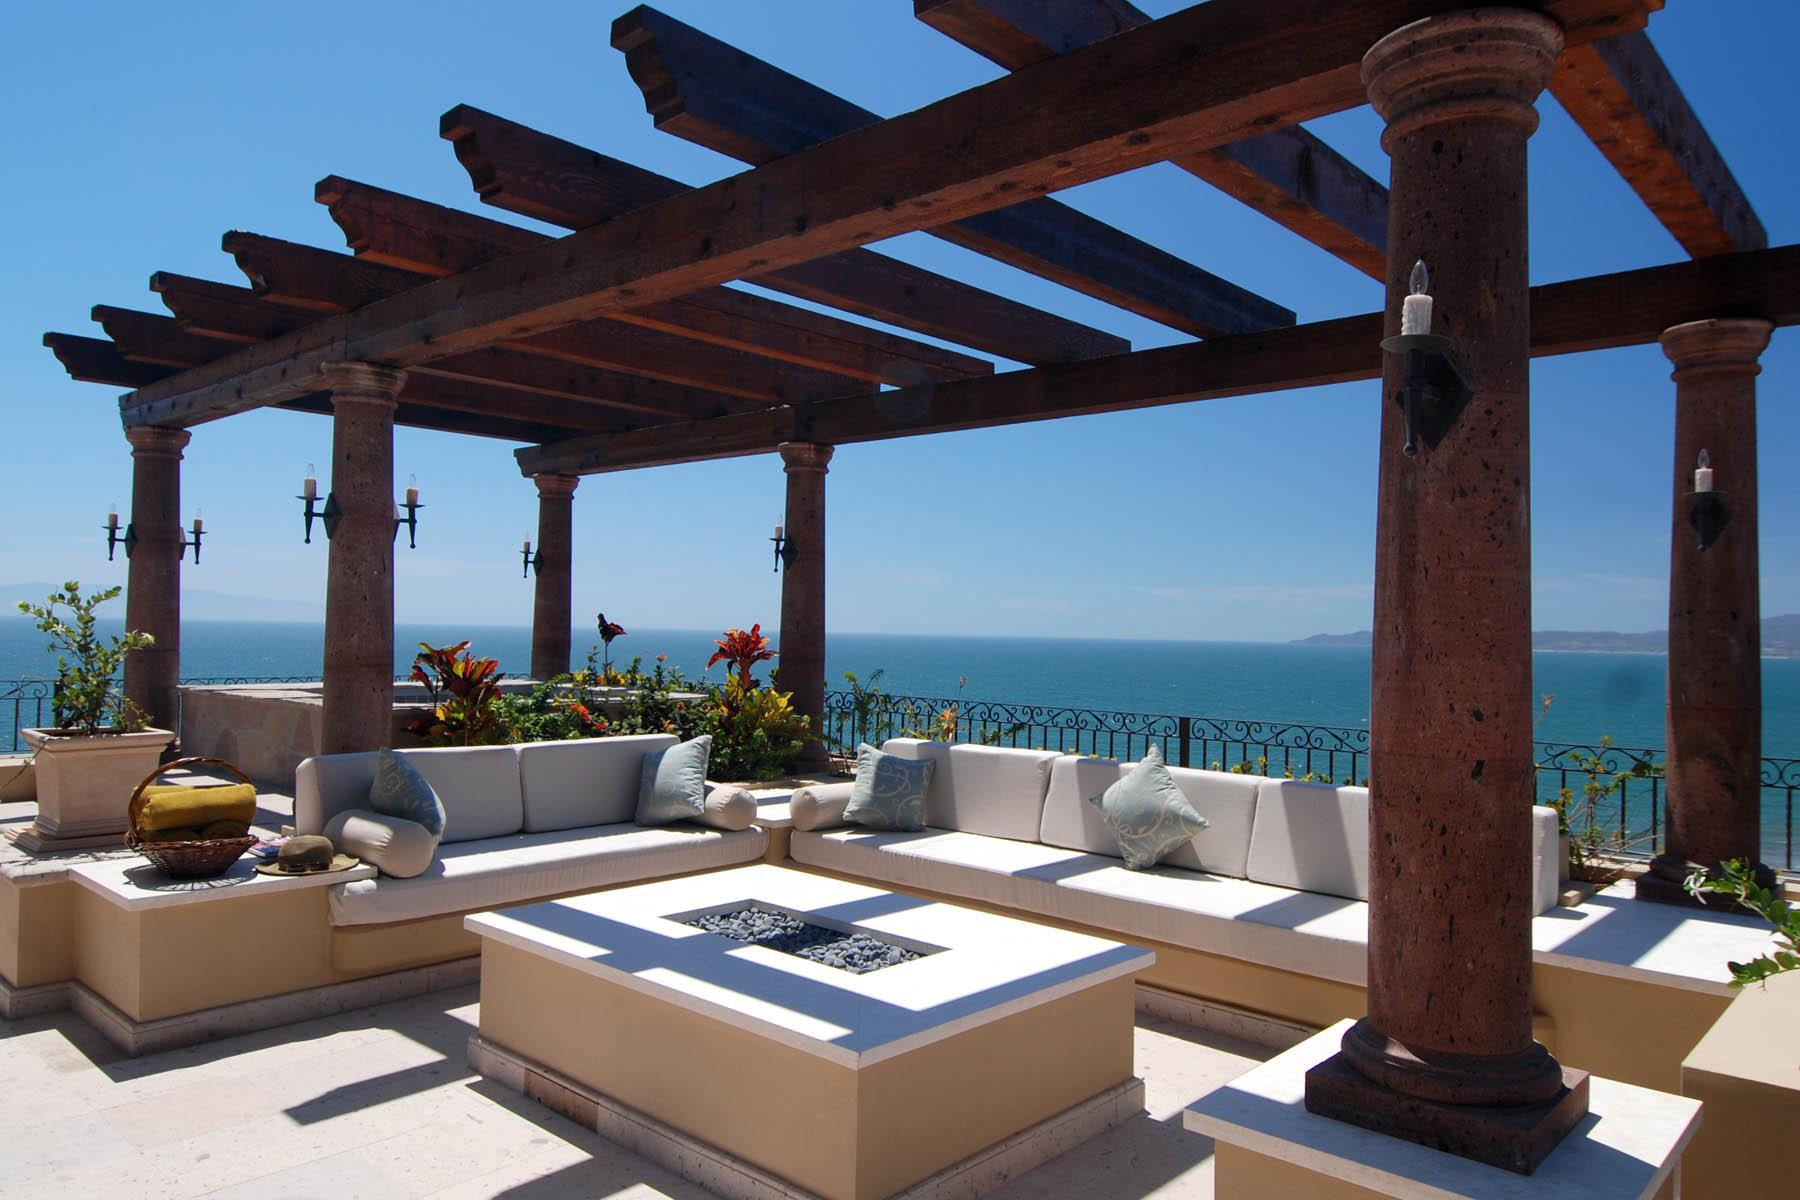 Villa la estancia riviera nayarit presidential three bedroom suite 13